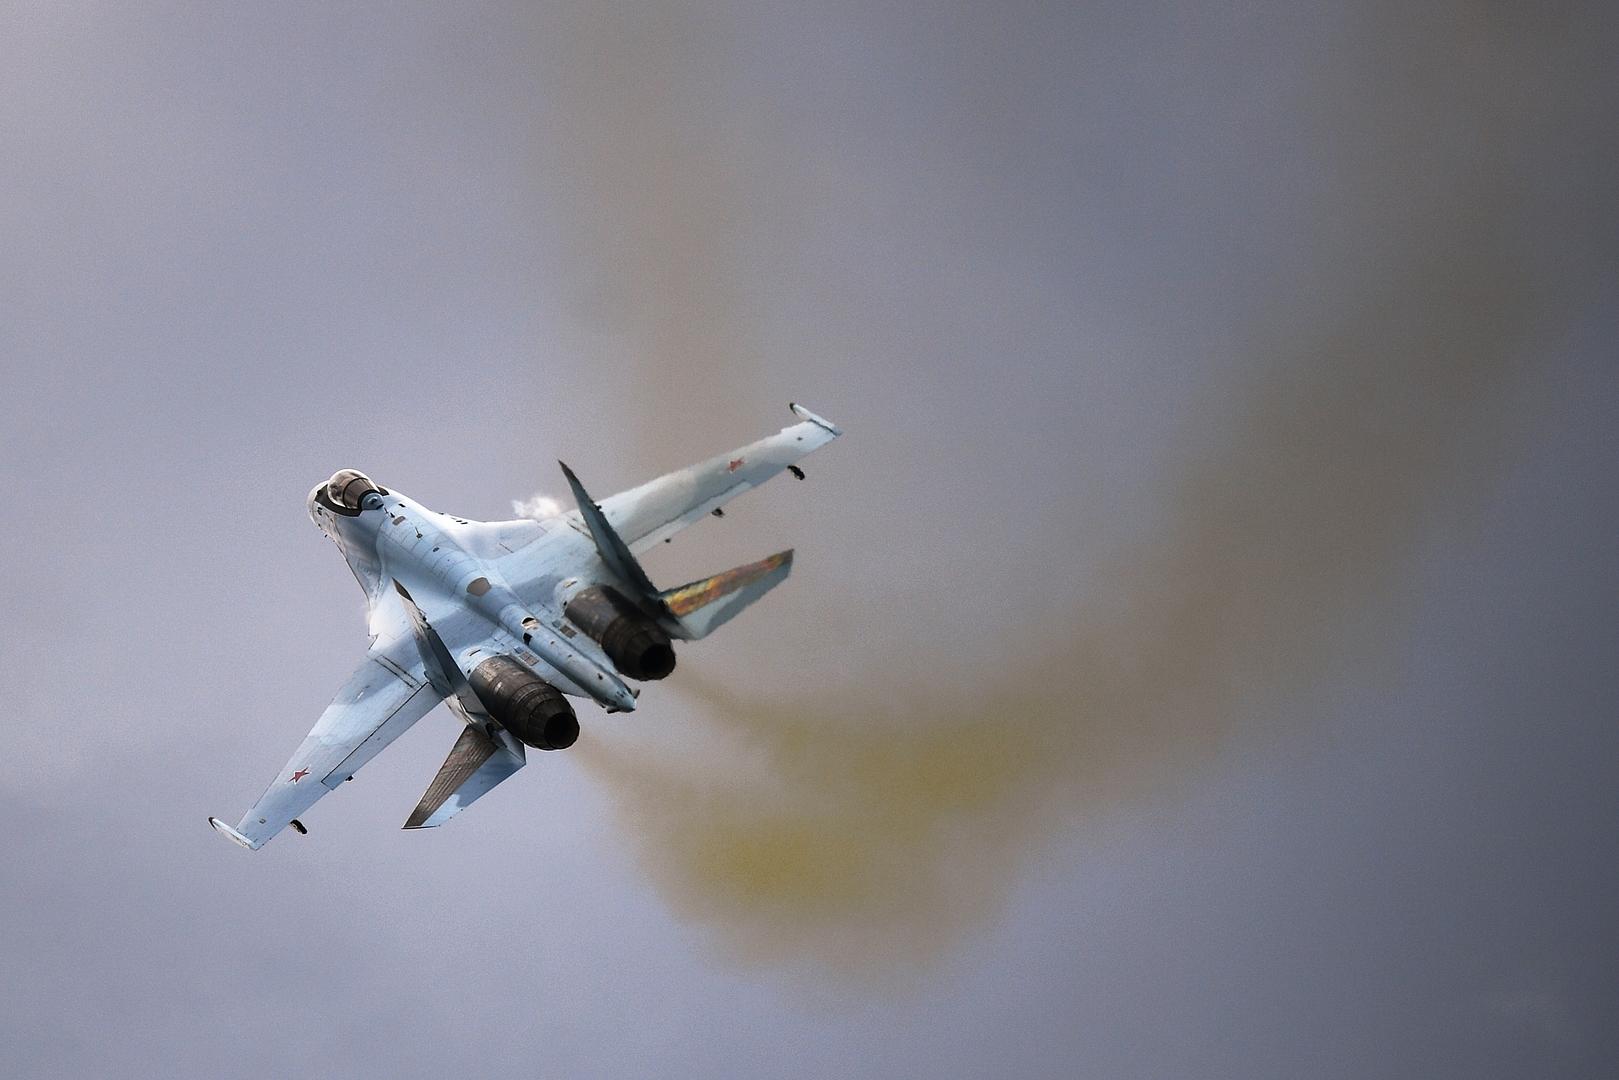 لماذا تخشى الولايات المتحدة حصول مصر على مقاتلات سوخوي-35 الروسية؟